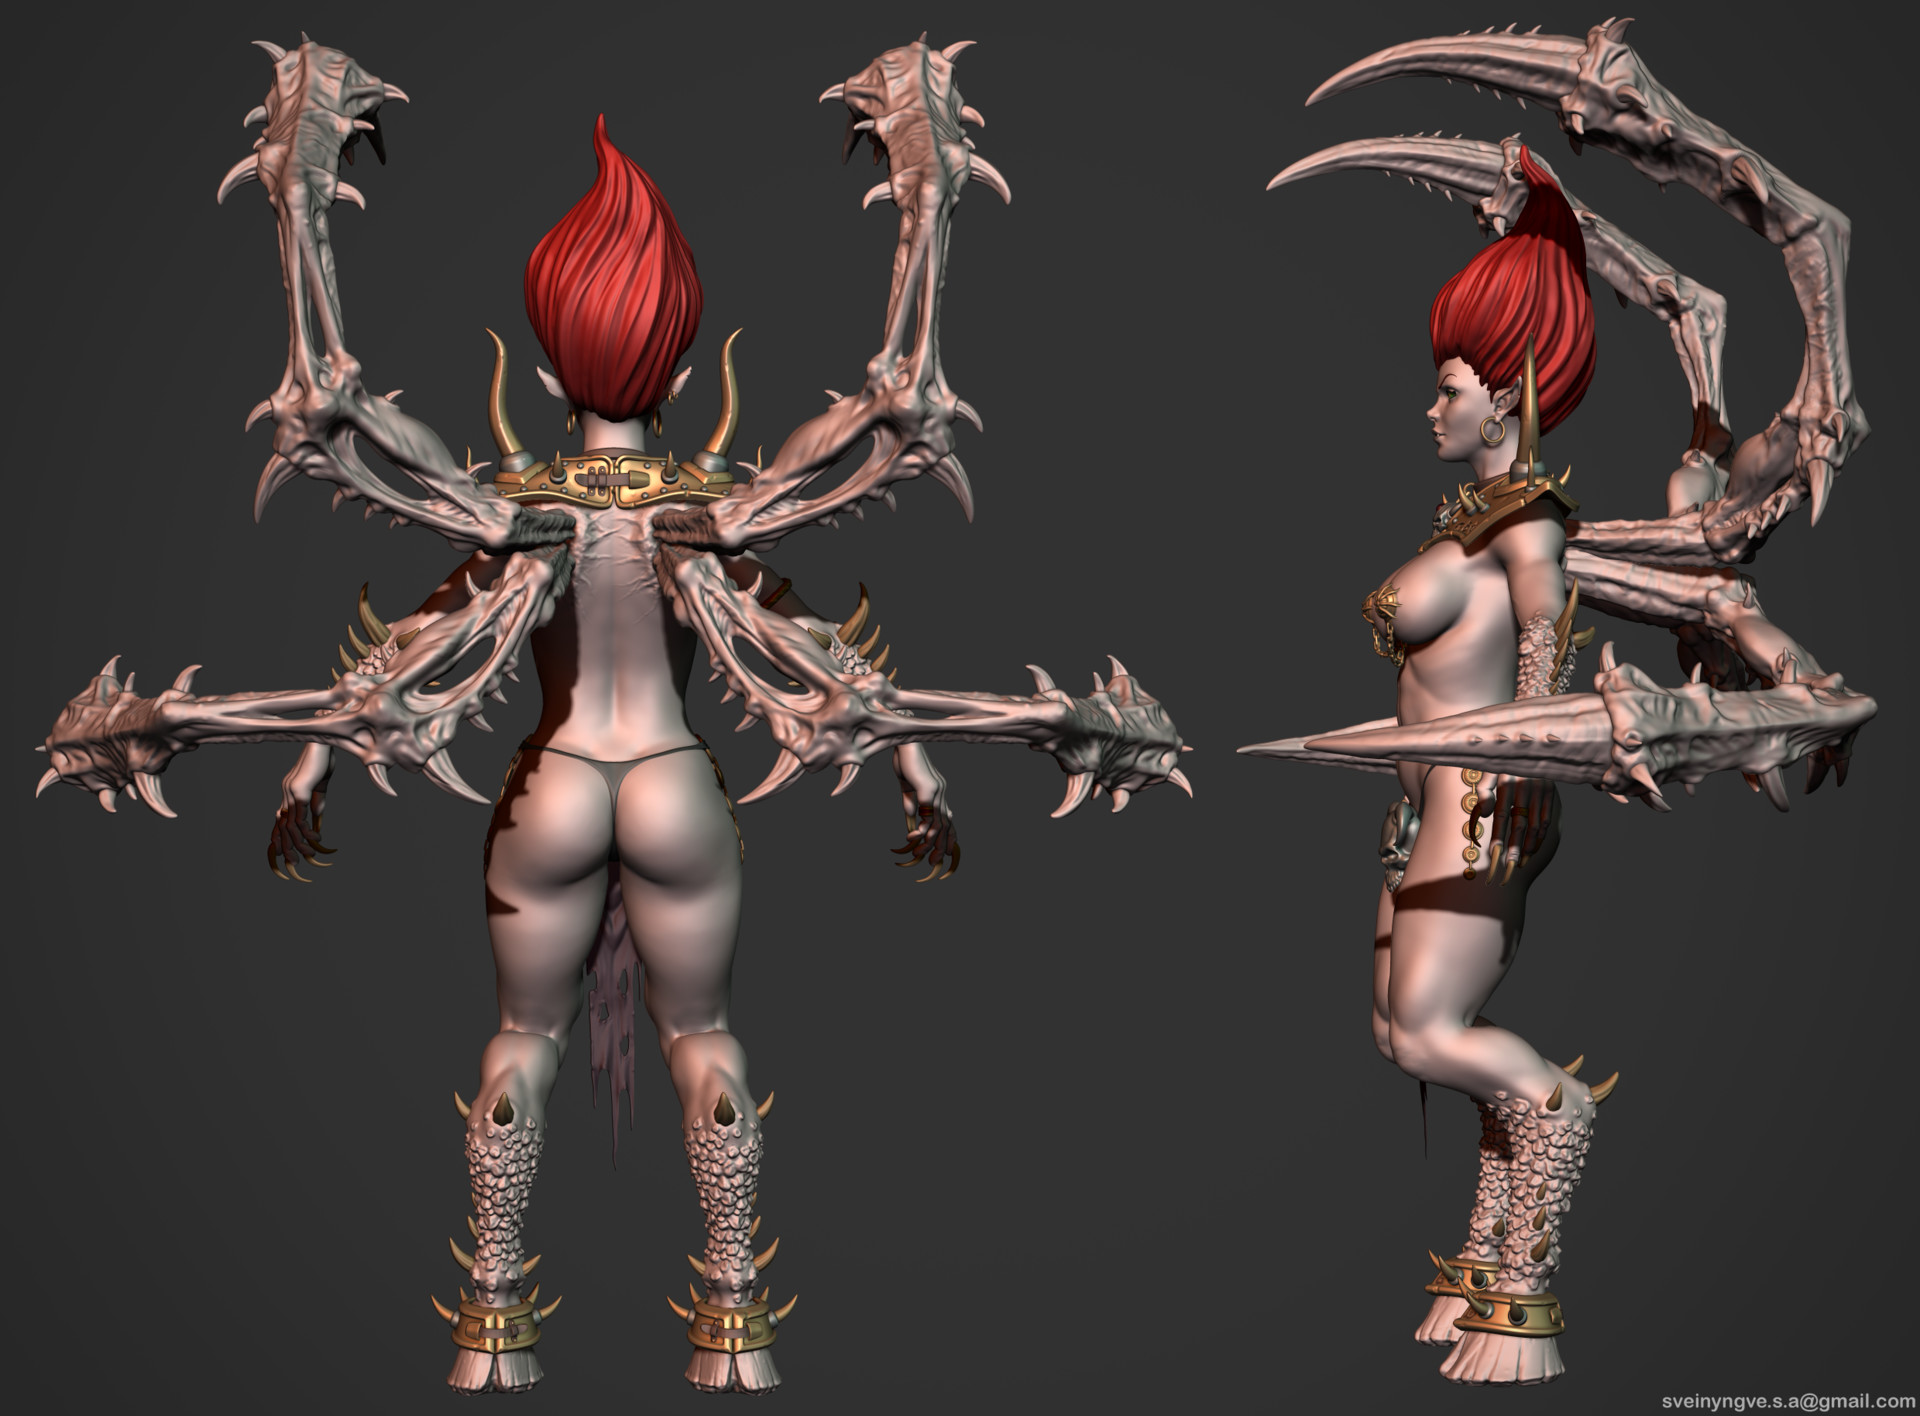 Diablo 2 nude porn photo